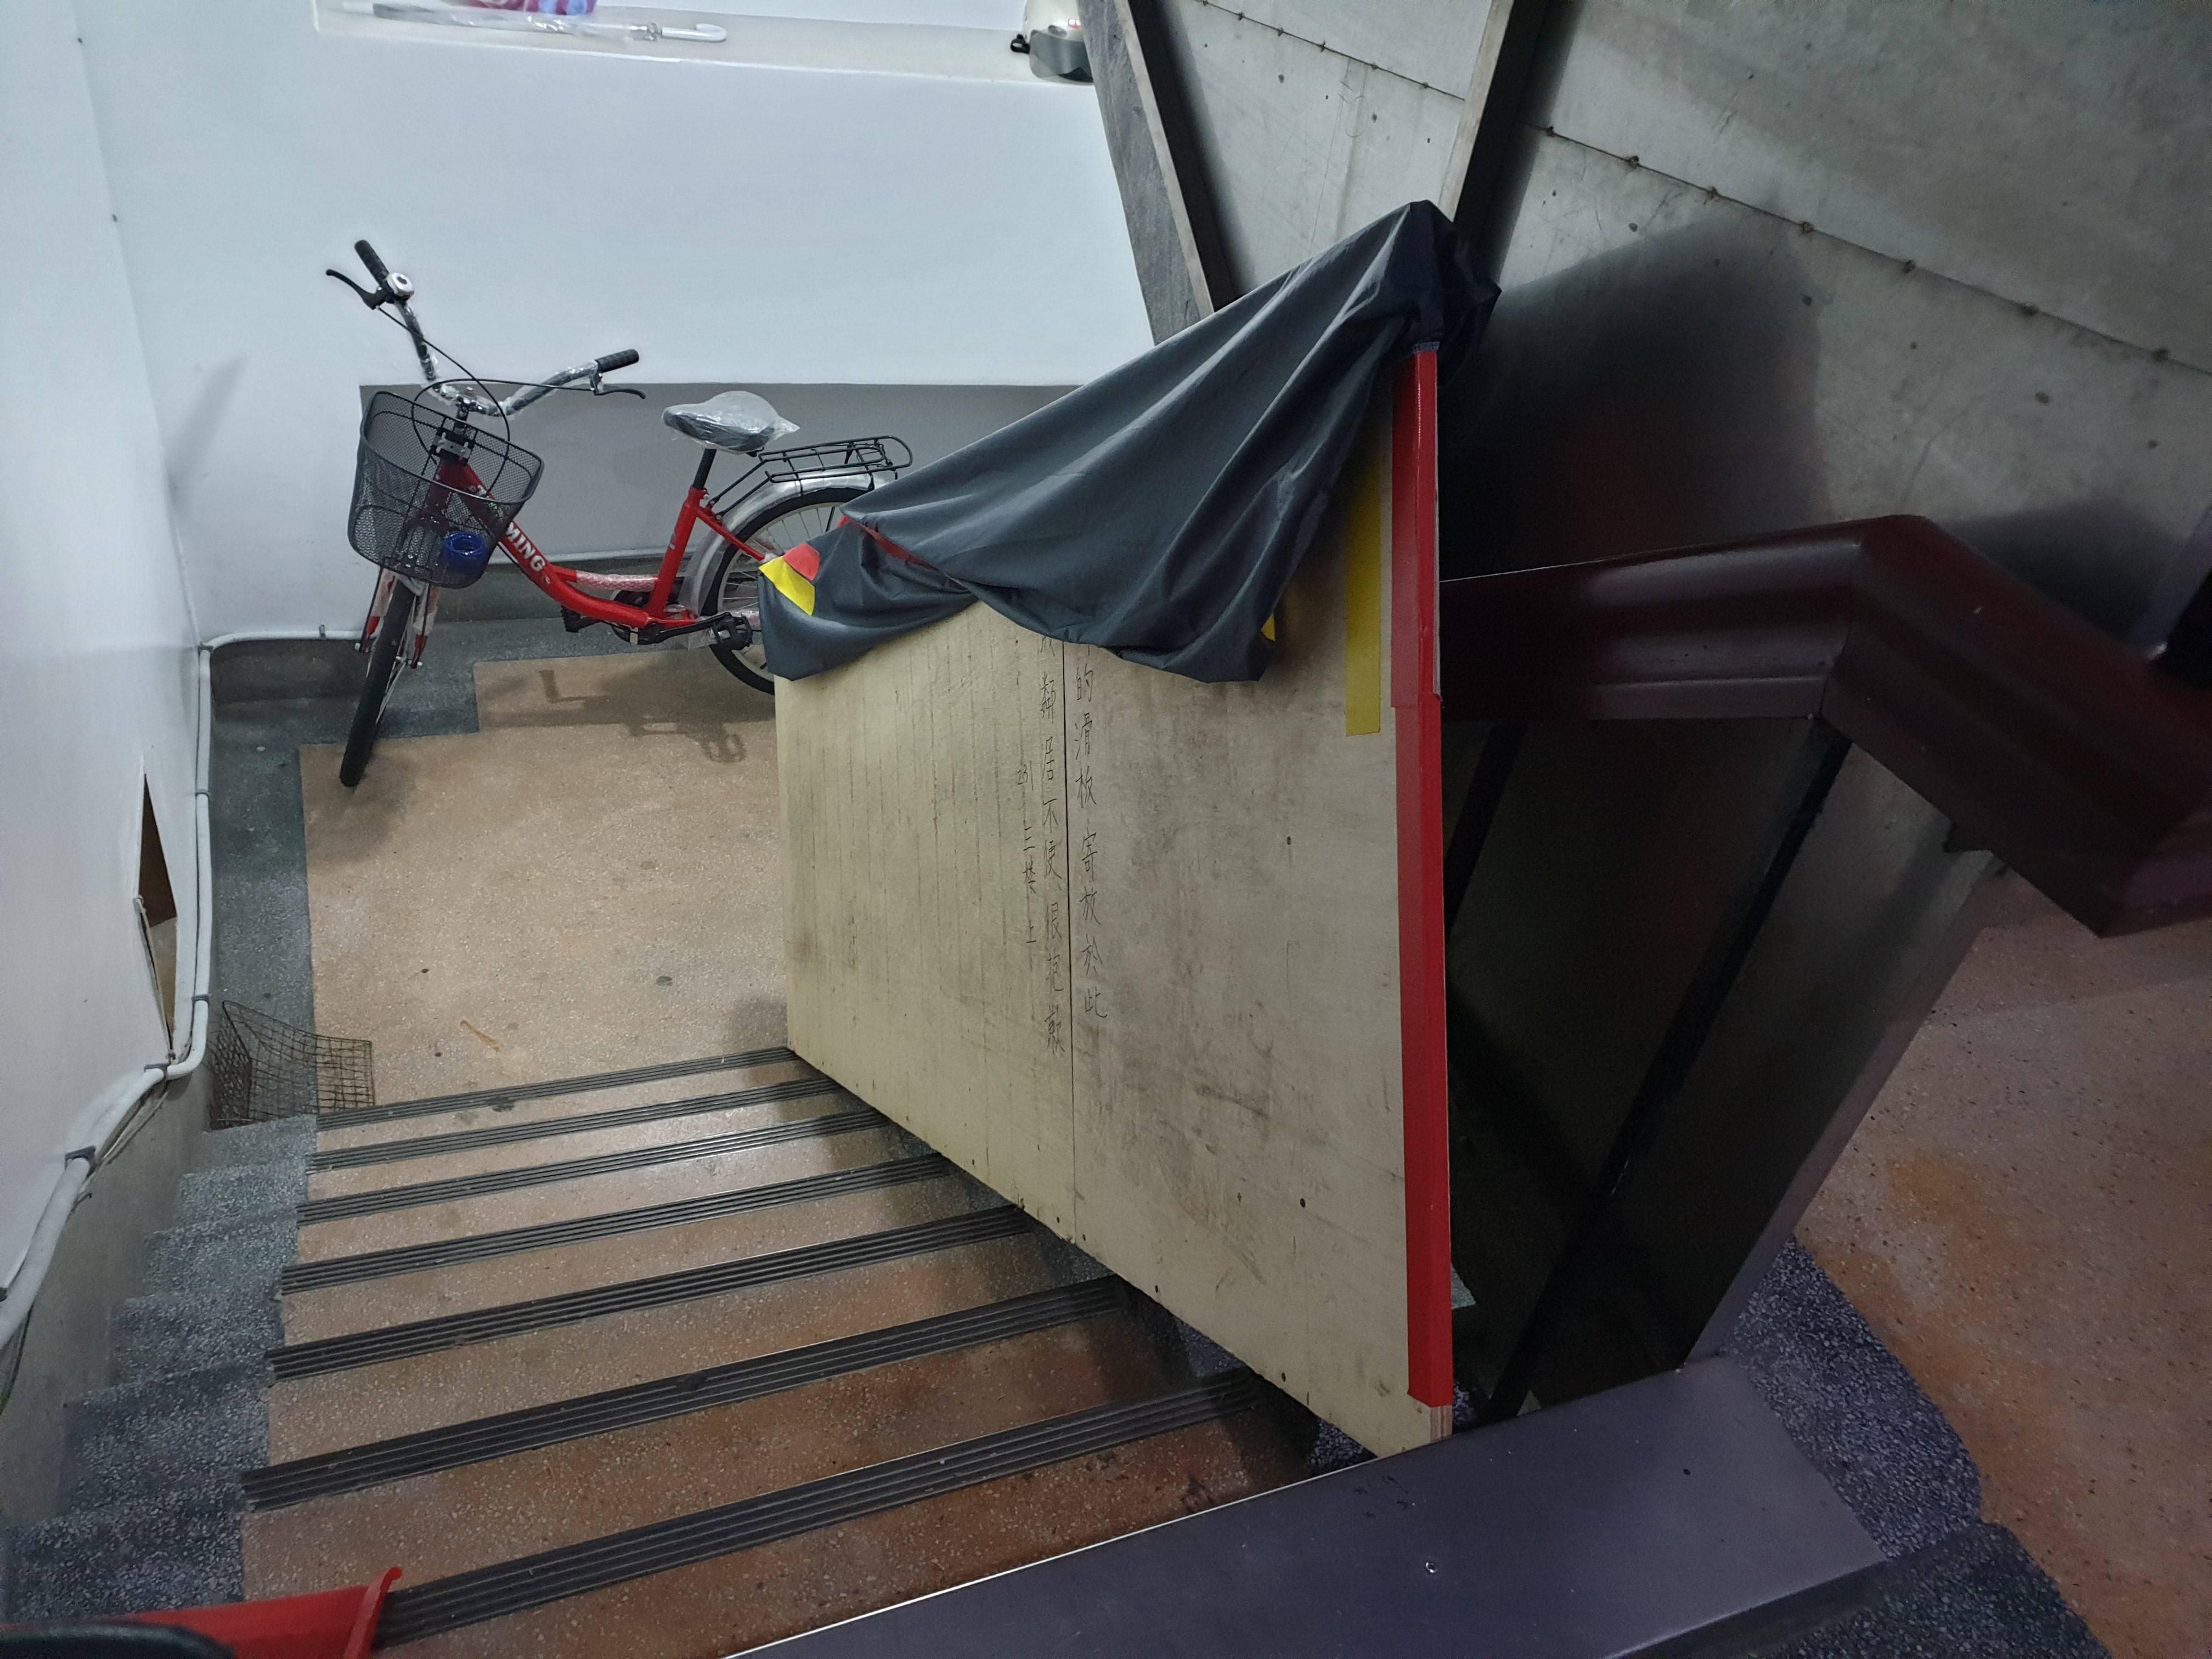 別再用無法收合又笨重且不安全的木製斜坡板了